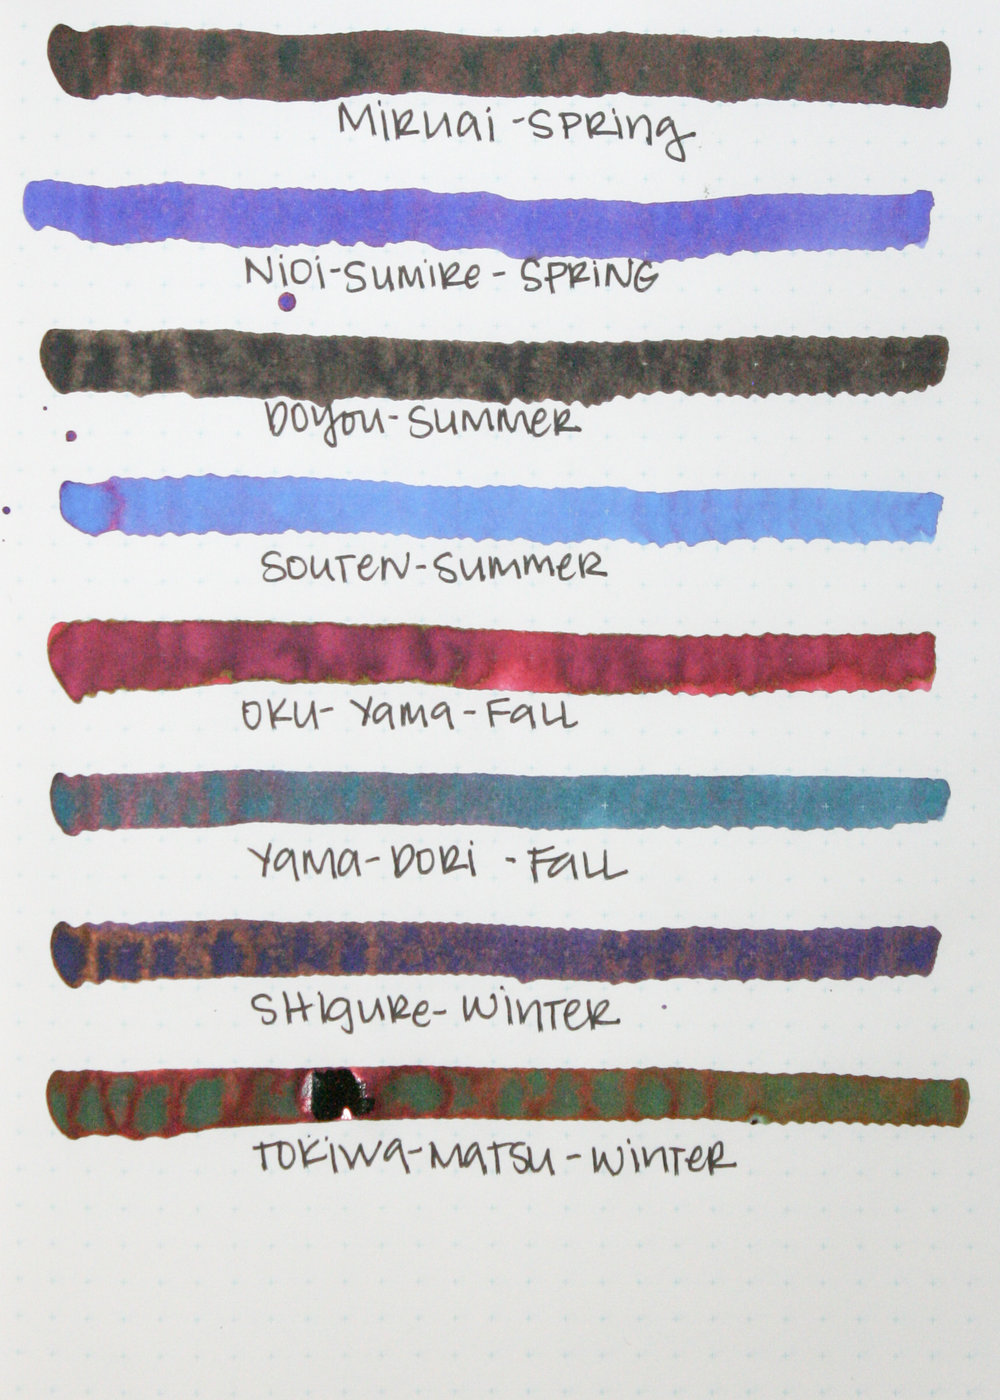 The 8 inks: - Miruai:SpringNioi-Sumire: SpringDoyou: SummerSouten: SummerOku-Yama: FallYama-Dori: FallShigure: WinterTokiwa-Matsu: Winter